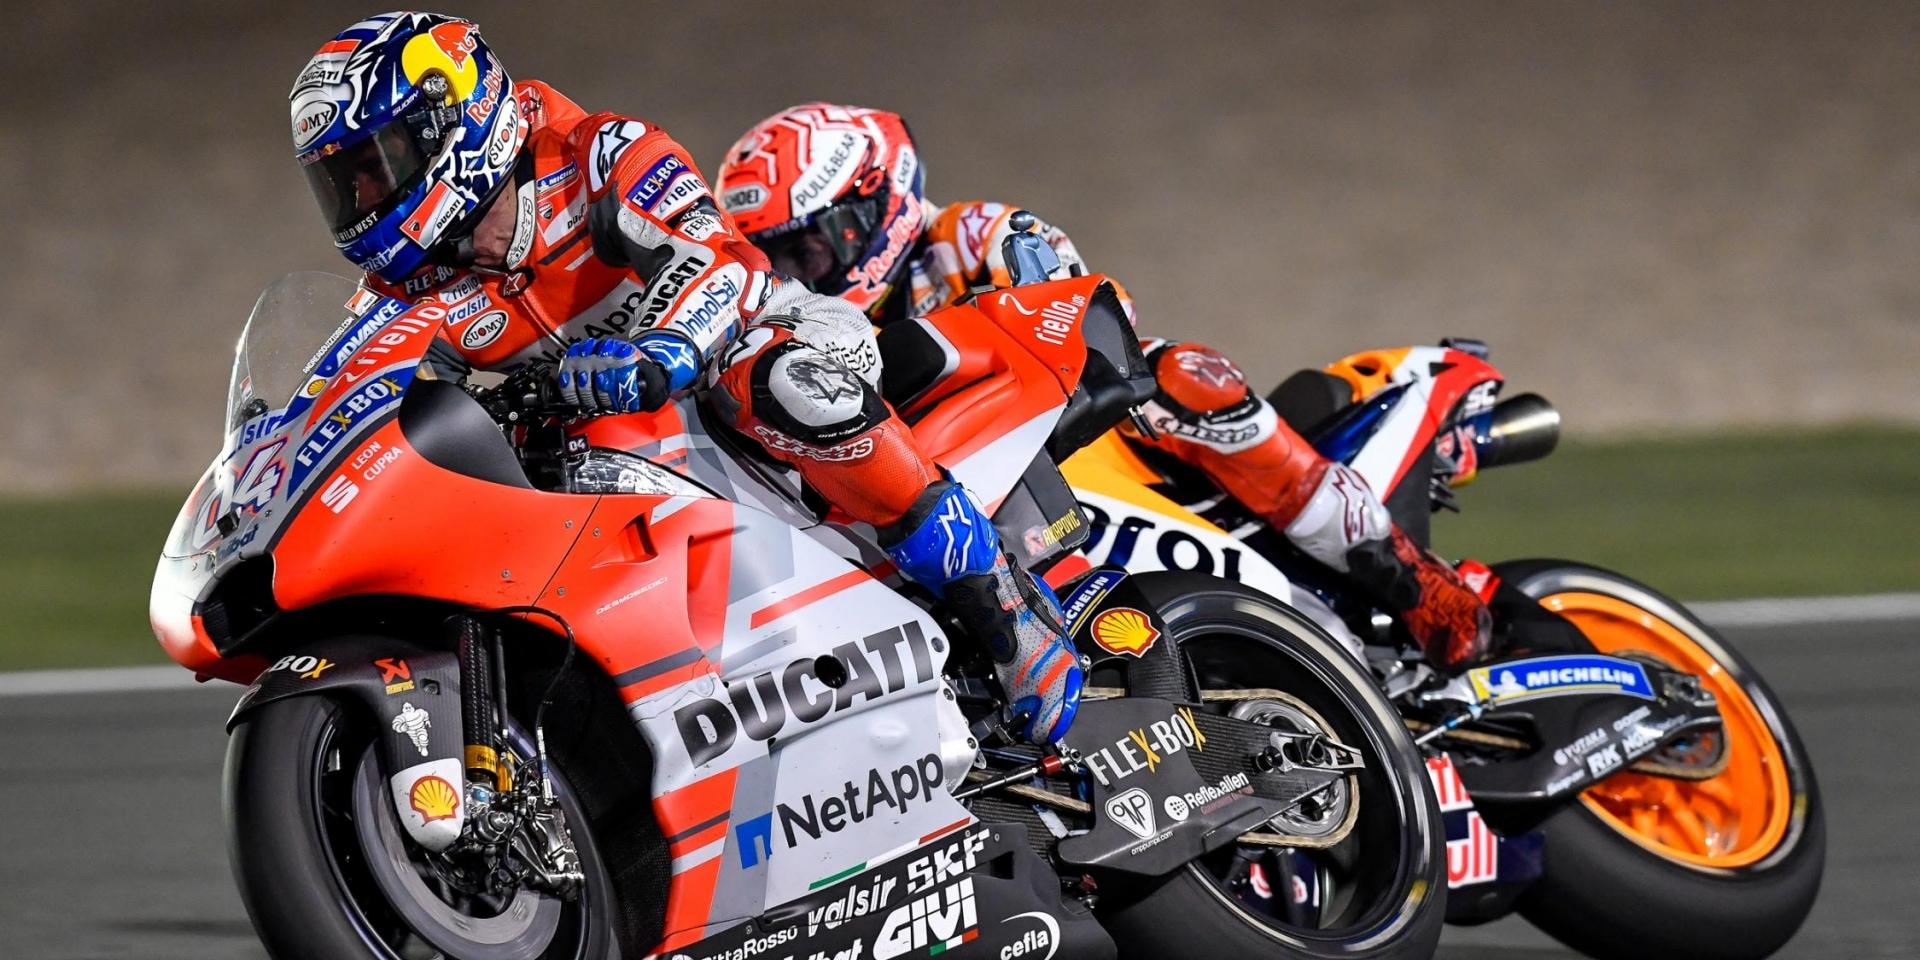 MotoGP的極速大比拚! 從卡達站分析賽季走向